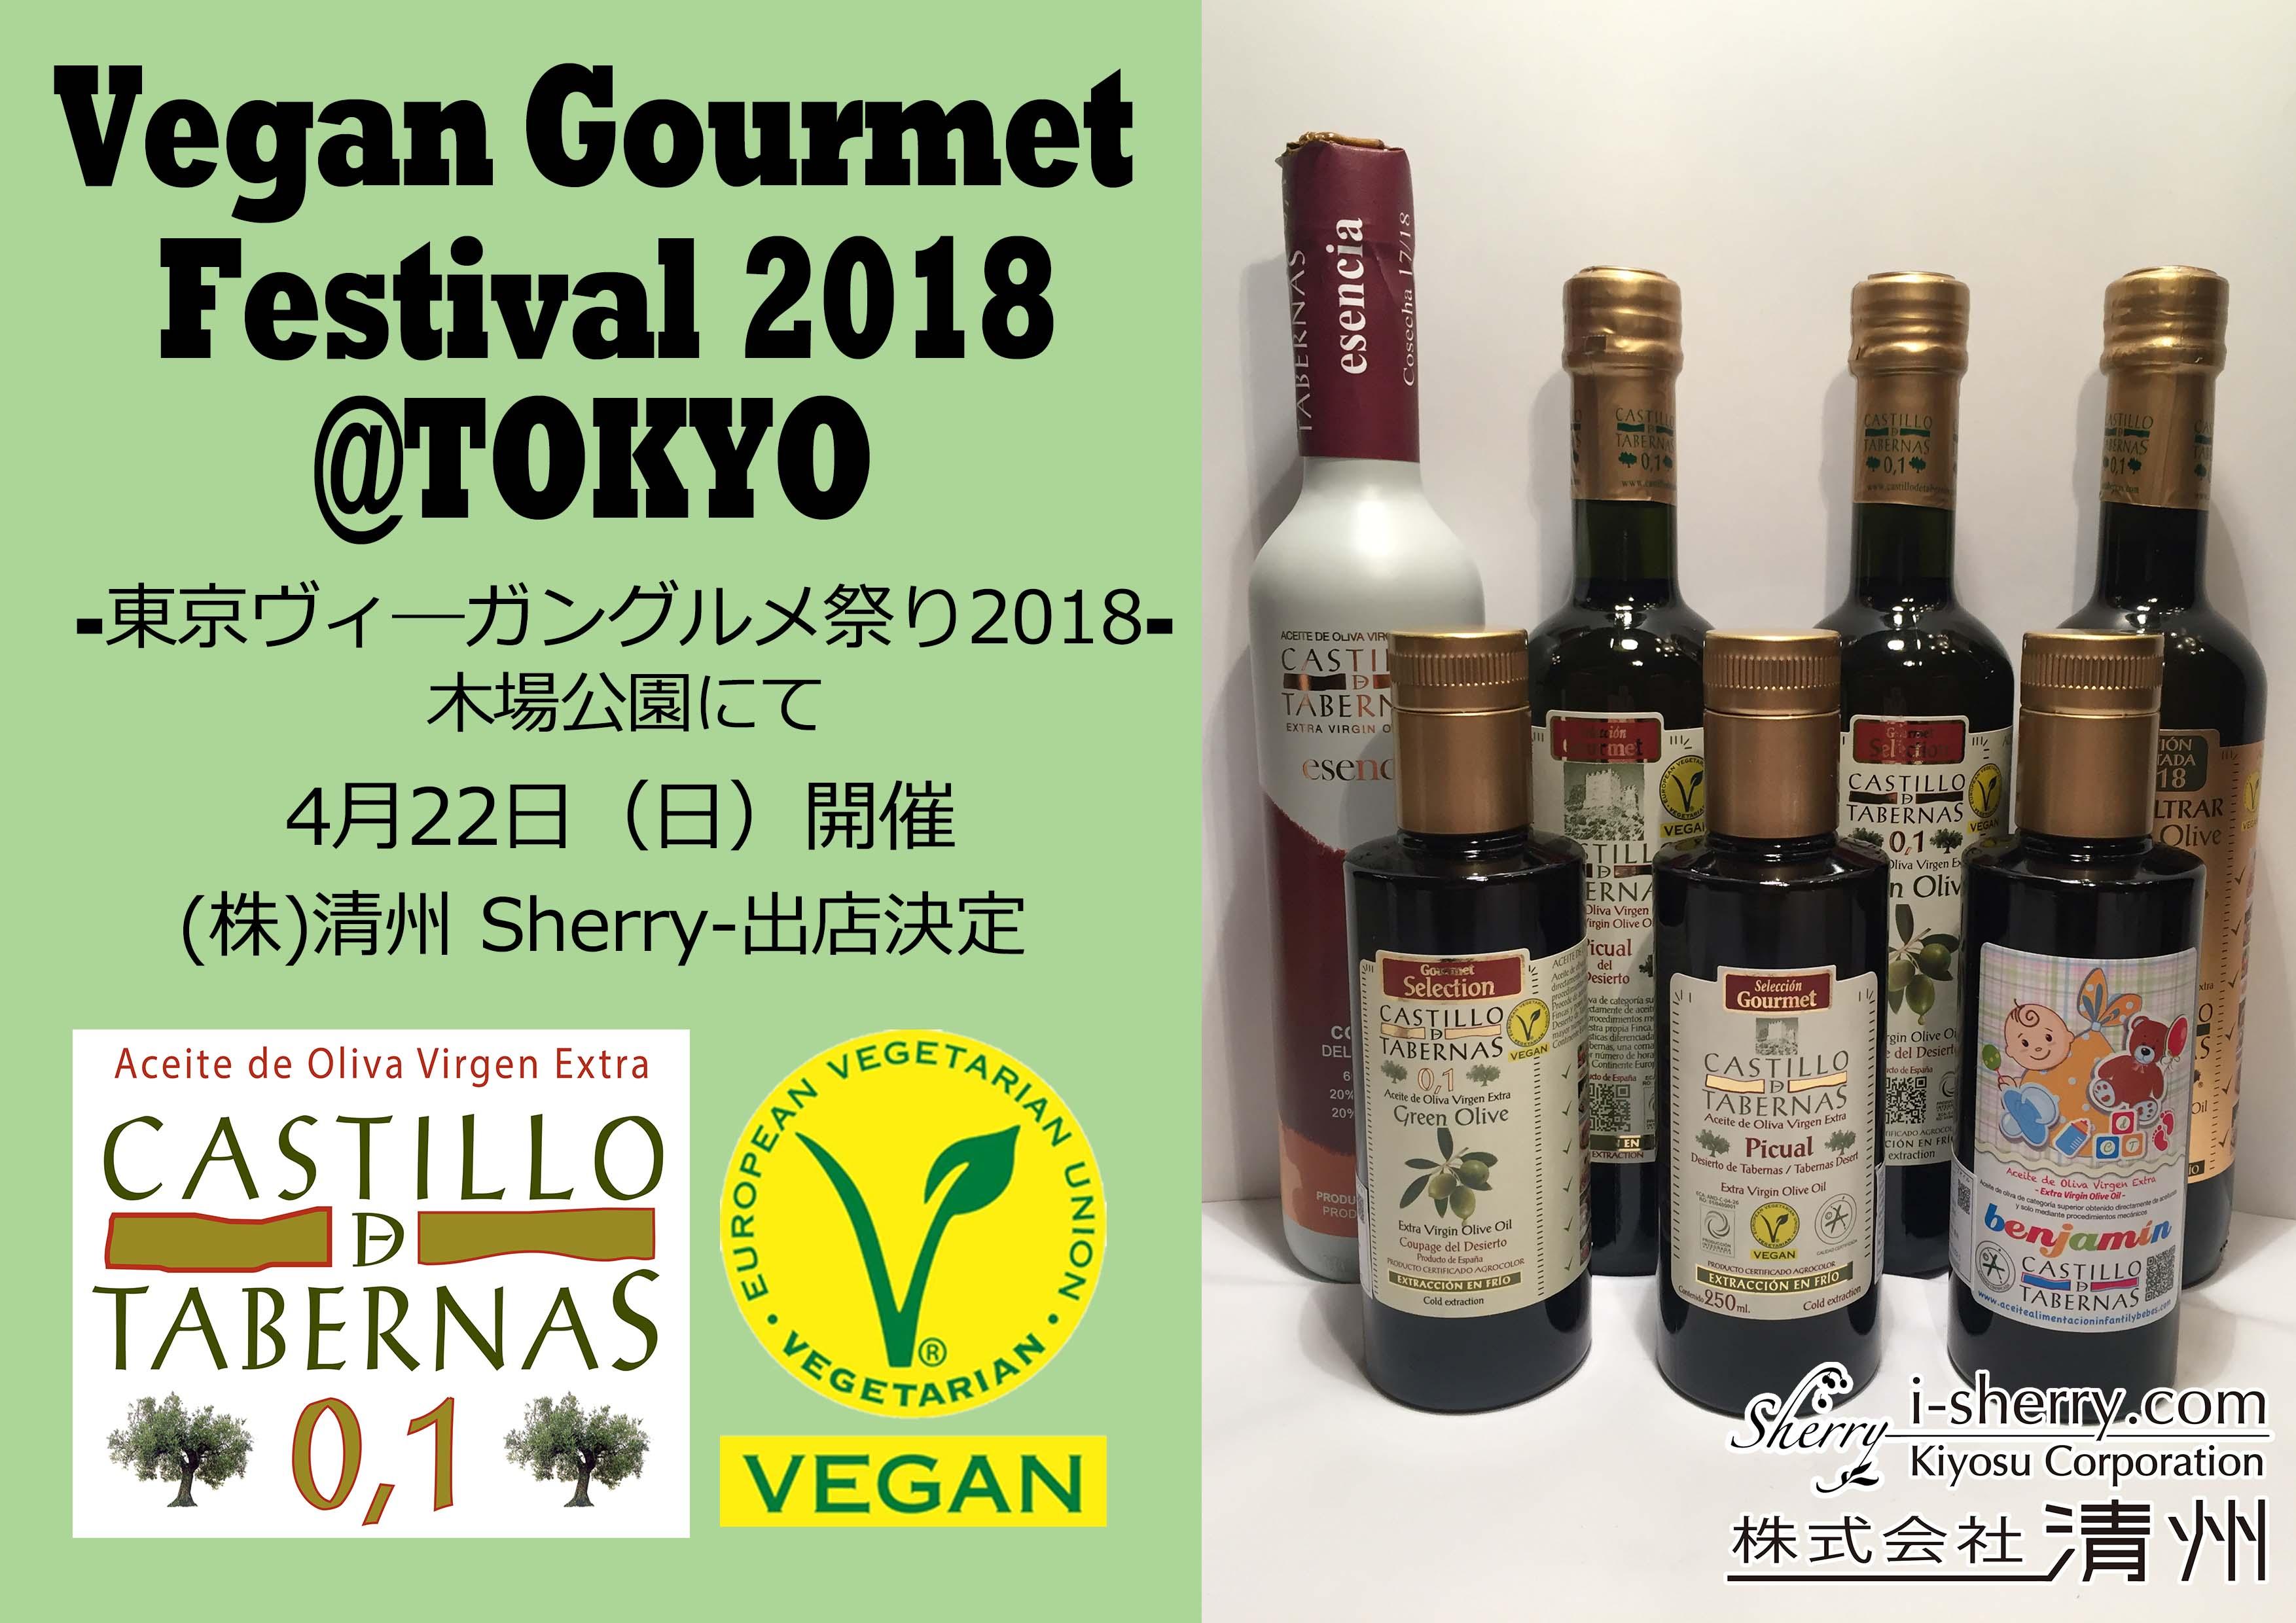 東京ヴィ―ガングルメ祭り2018に出店決定【4月22日開催】